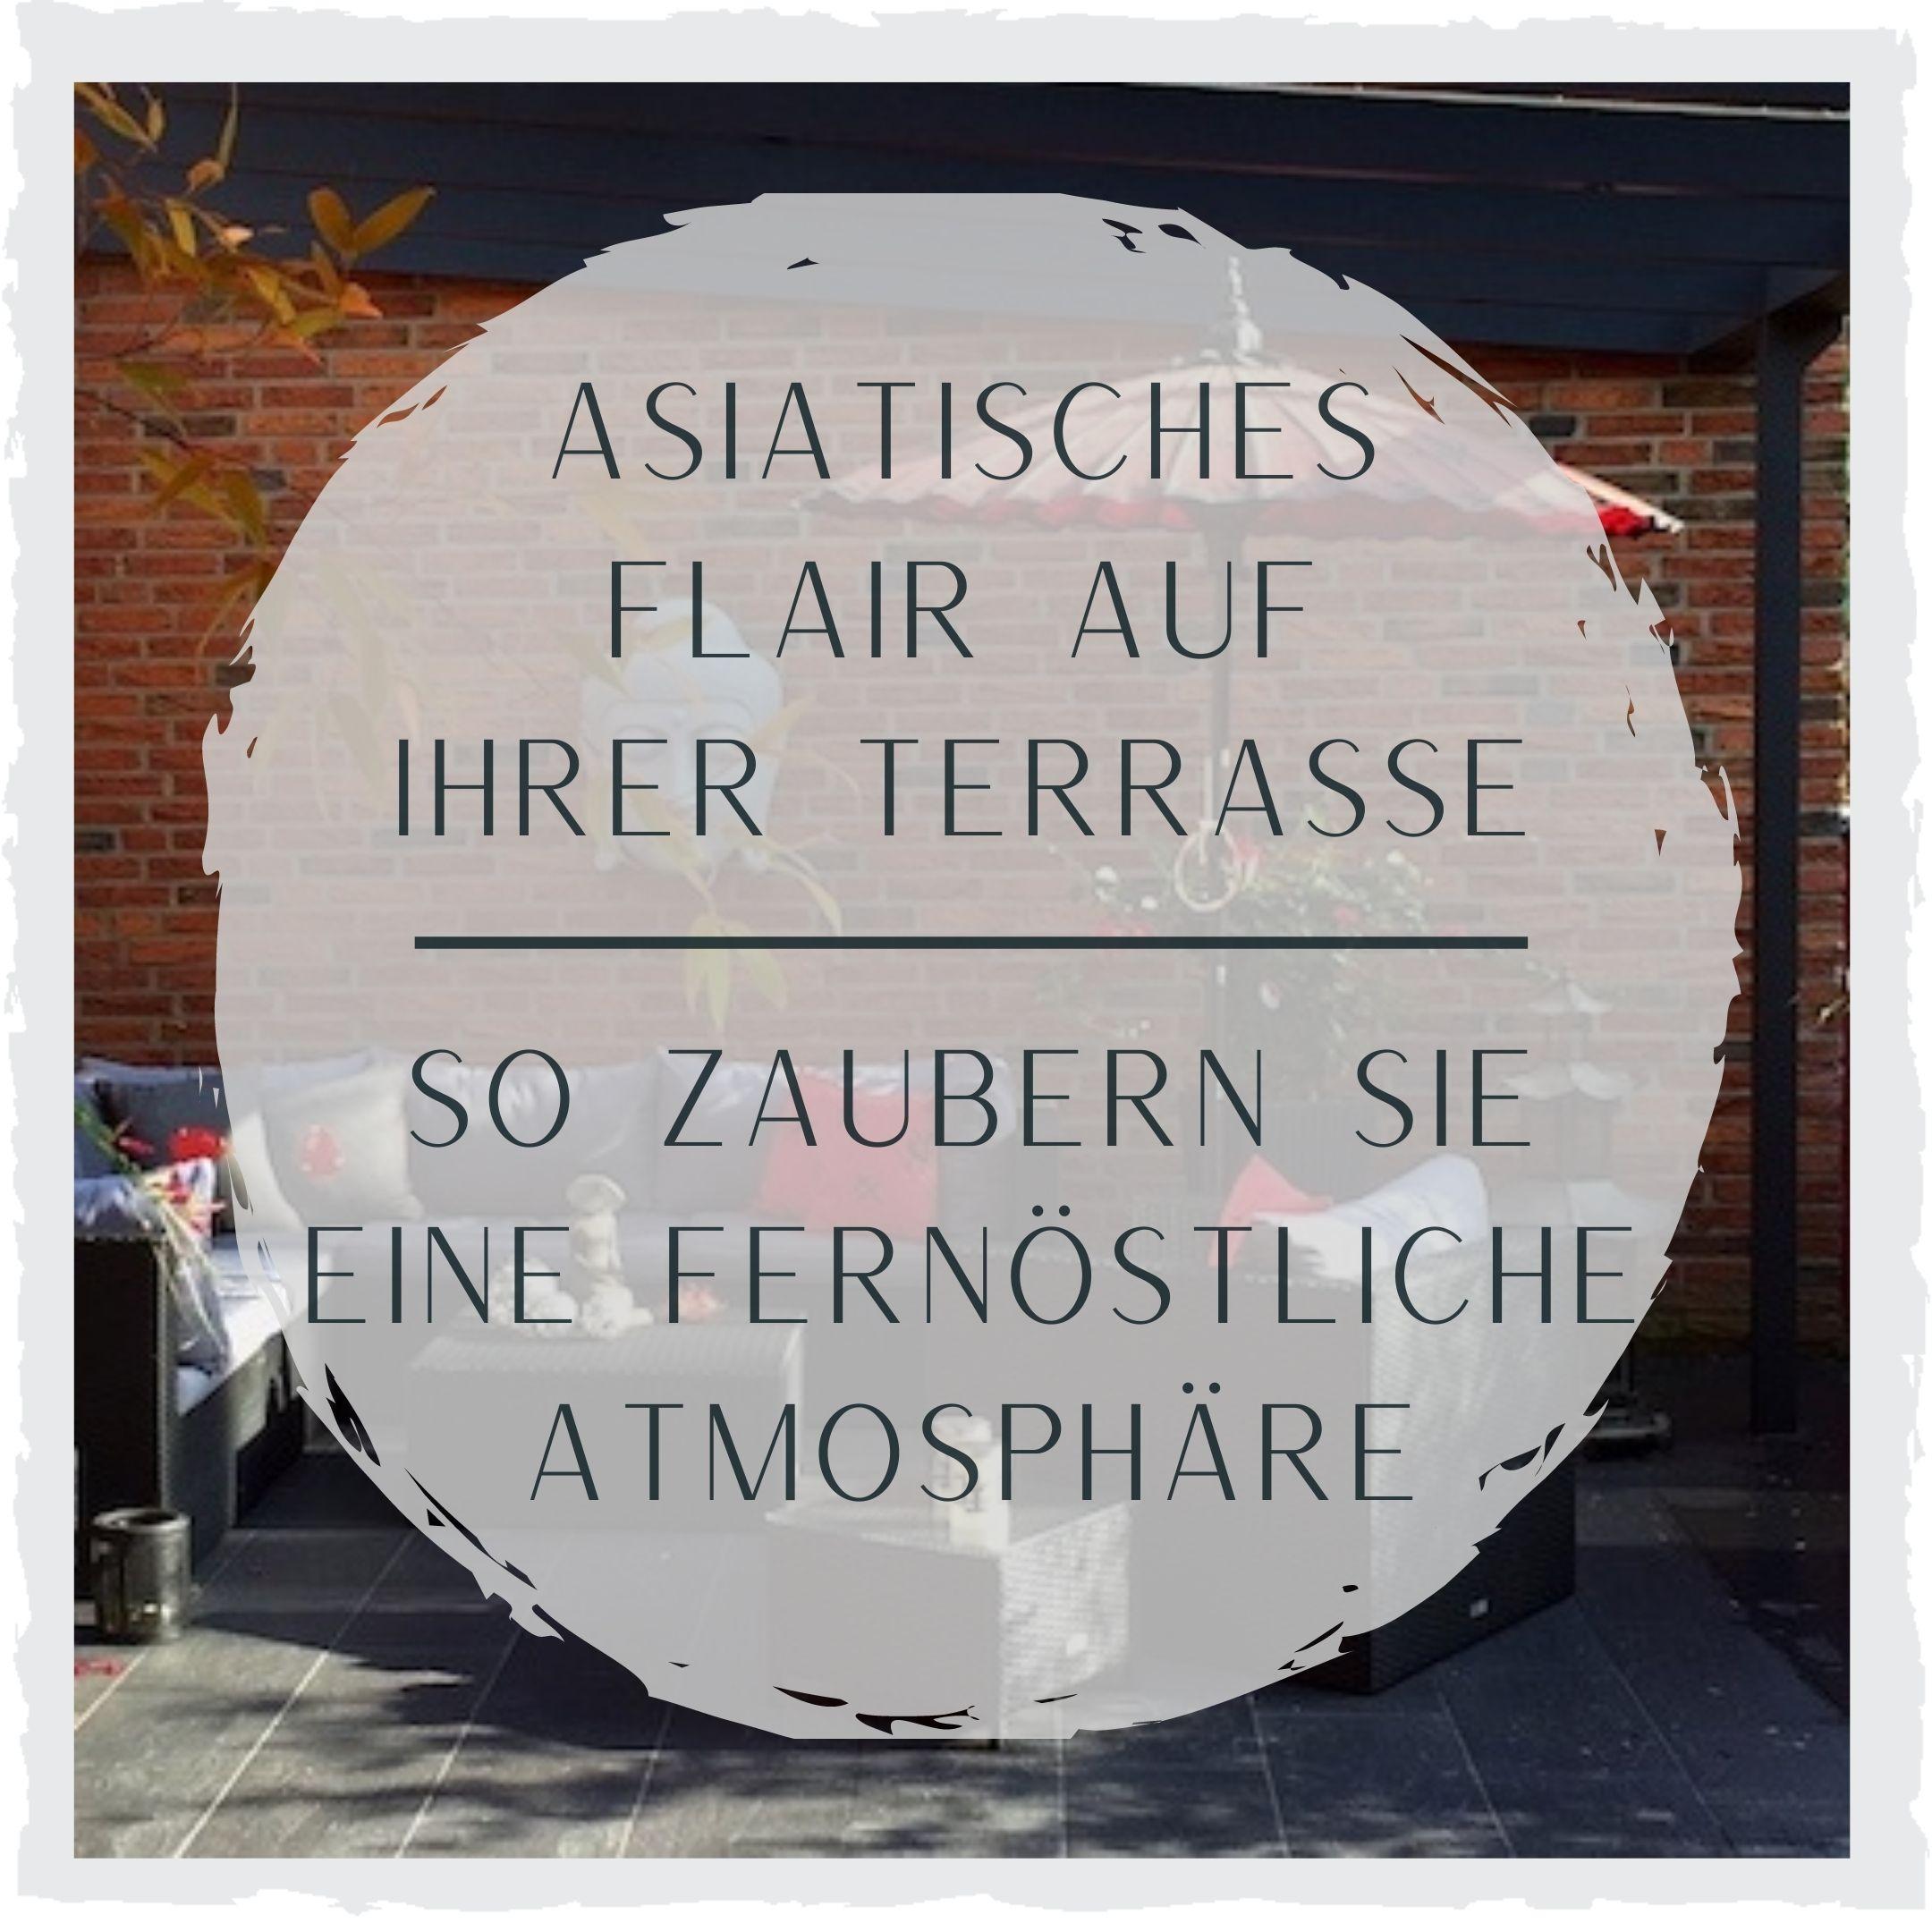 Asiatisches-Flair-Terrasse